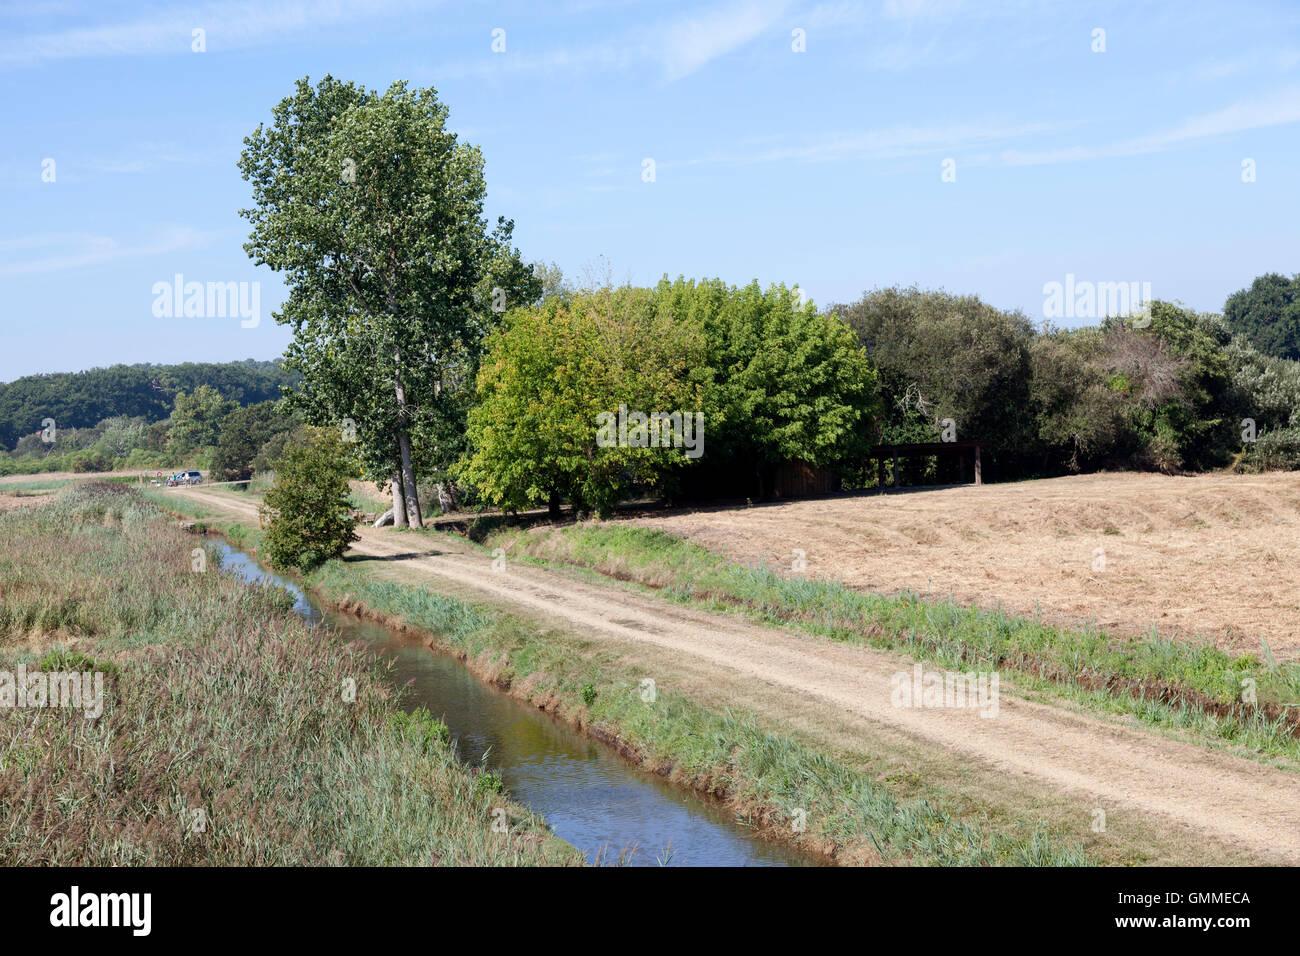 Une grande vue d'une partie de la 'Barthes de Monbardon (Soorts Hossegor - Landes - France) avec un drain Photo Stock